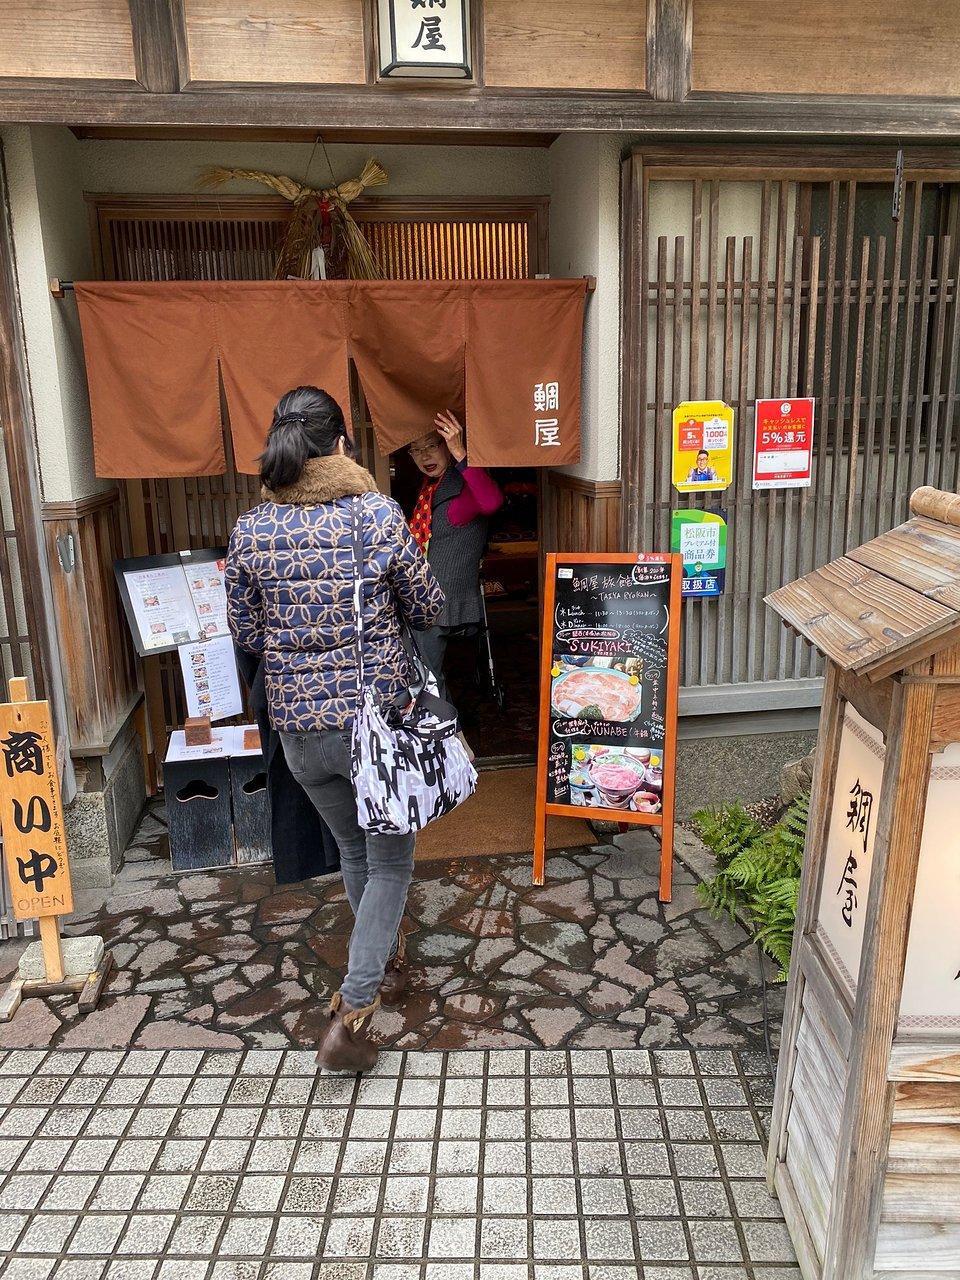 Taiya Ryokan 190 2 8 5 Prices Reviews Matsusaka